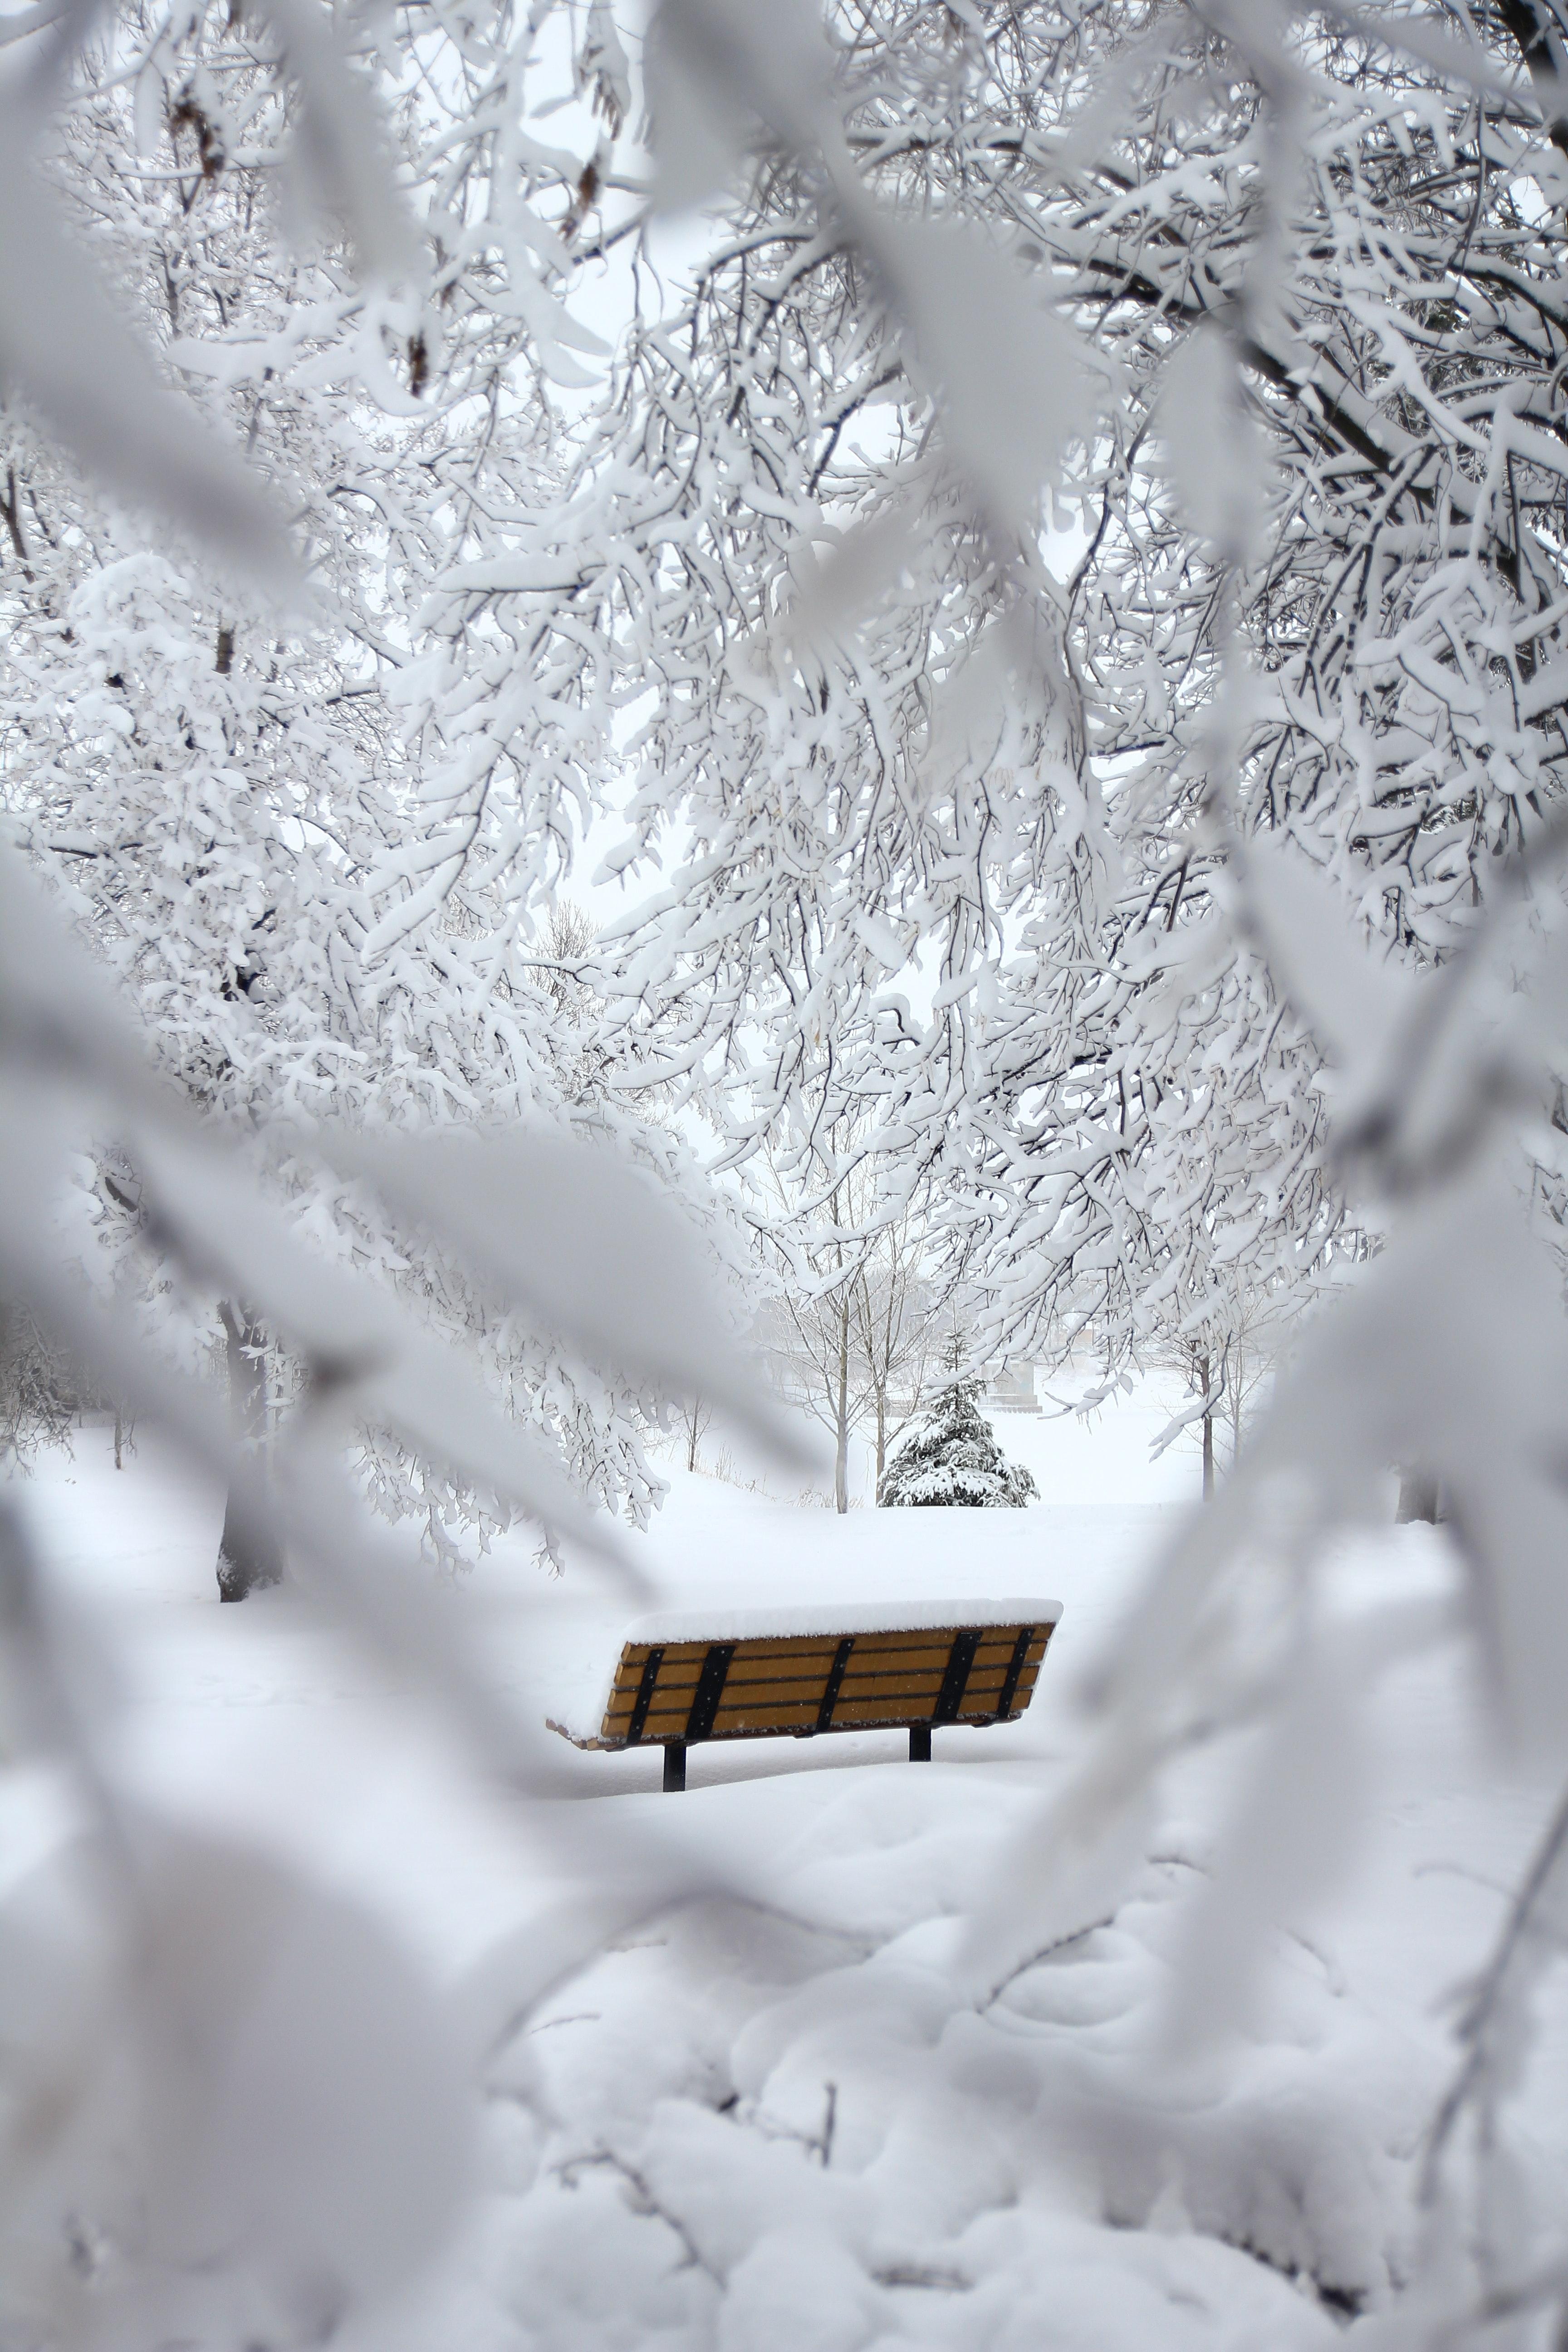 63072 скачать обои Зима, Ветки, Природа, Снег, Минимализм, Скамейка - заставки и картинки бесплатно